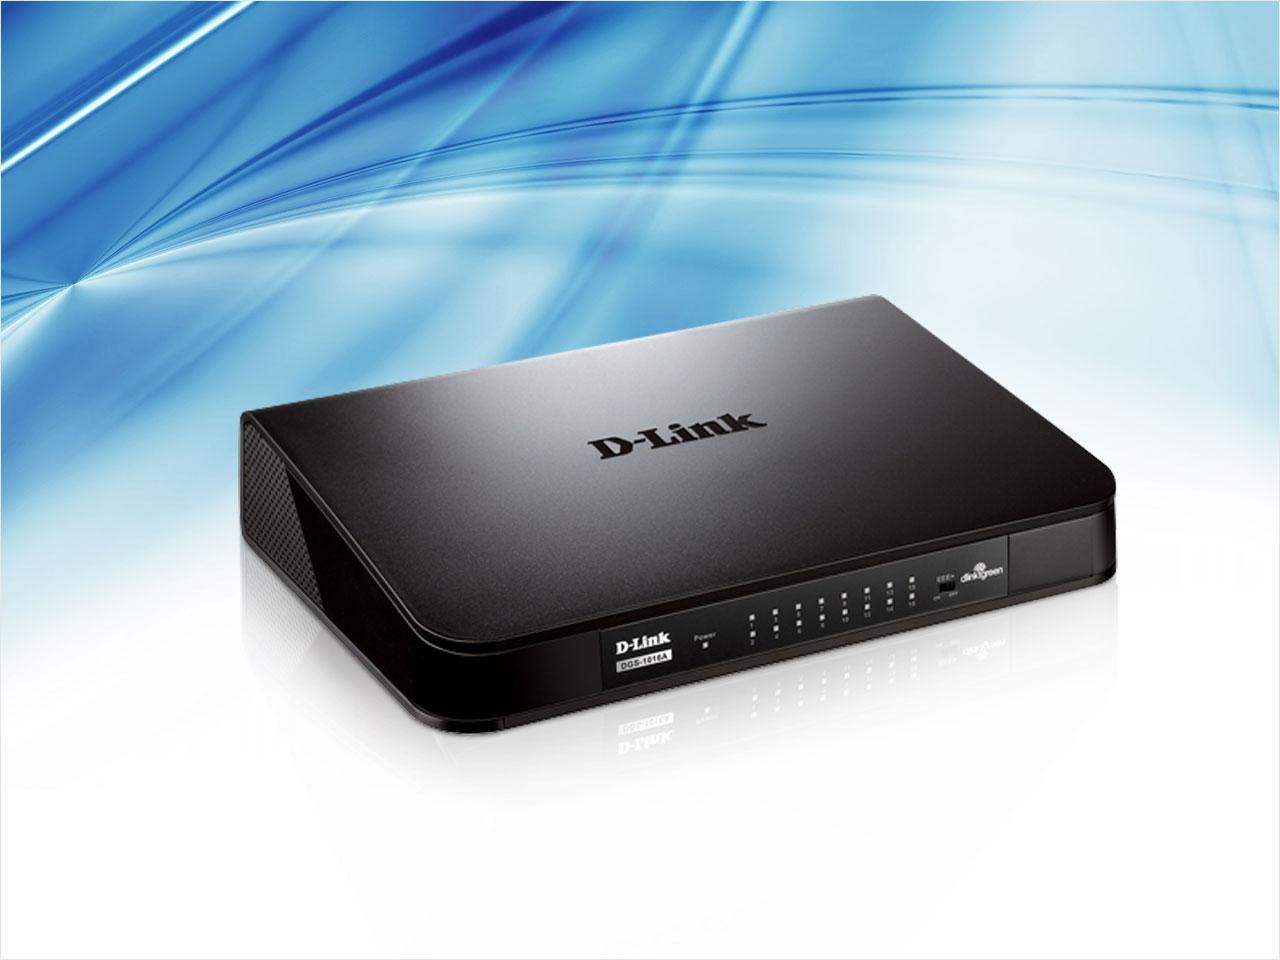 Newegg.com flash networking deals: LINKSYS RE1000-NP Wireless-N Range Extender $24.99 w/FS; D-Link DGS-1016A 16-Port Gigabit Switch $59.99 w/FS & more @ flash.newegg.com